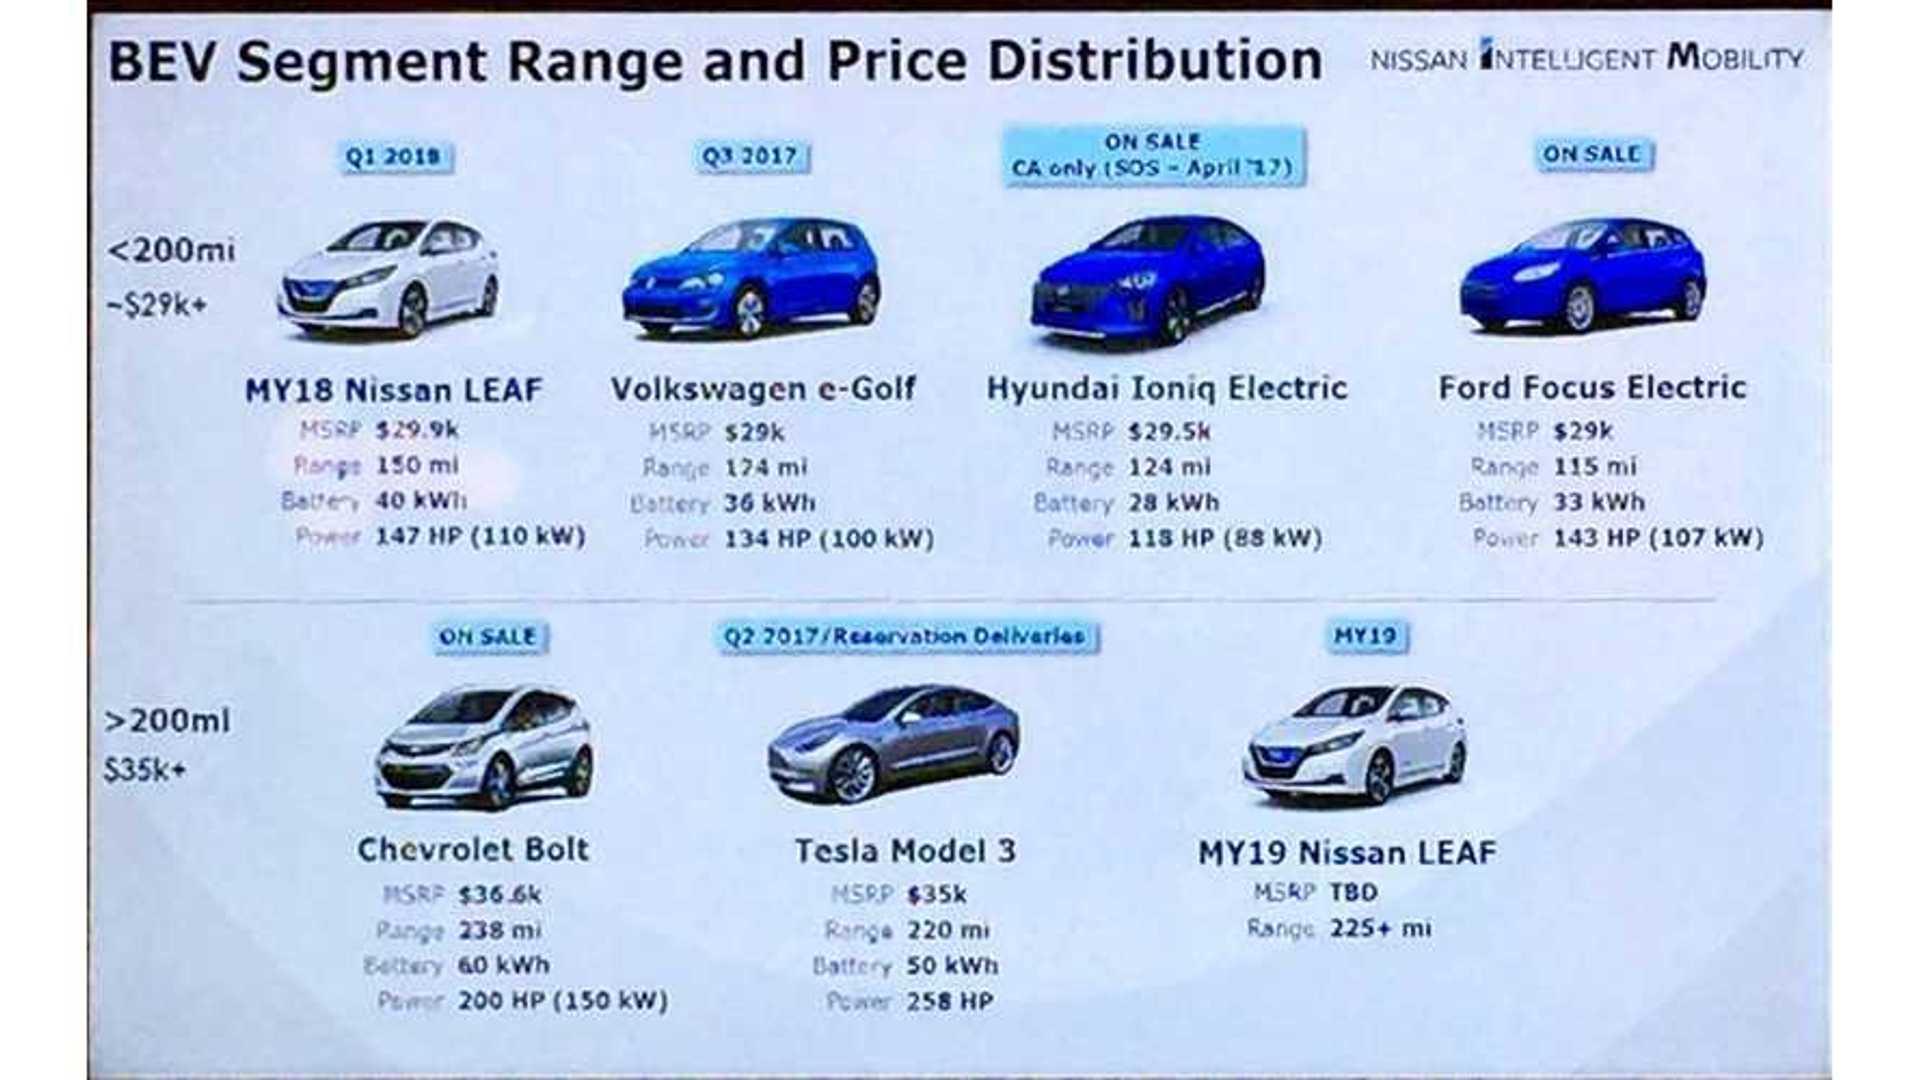 Nissan Leaf Slide 225 Mile Range 35 000 Price For 60 Kwh Version